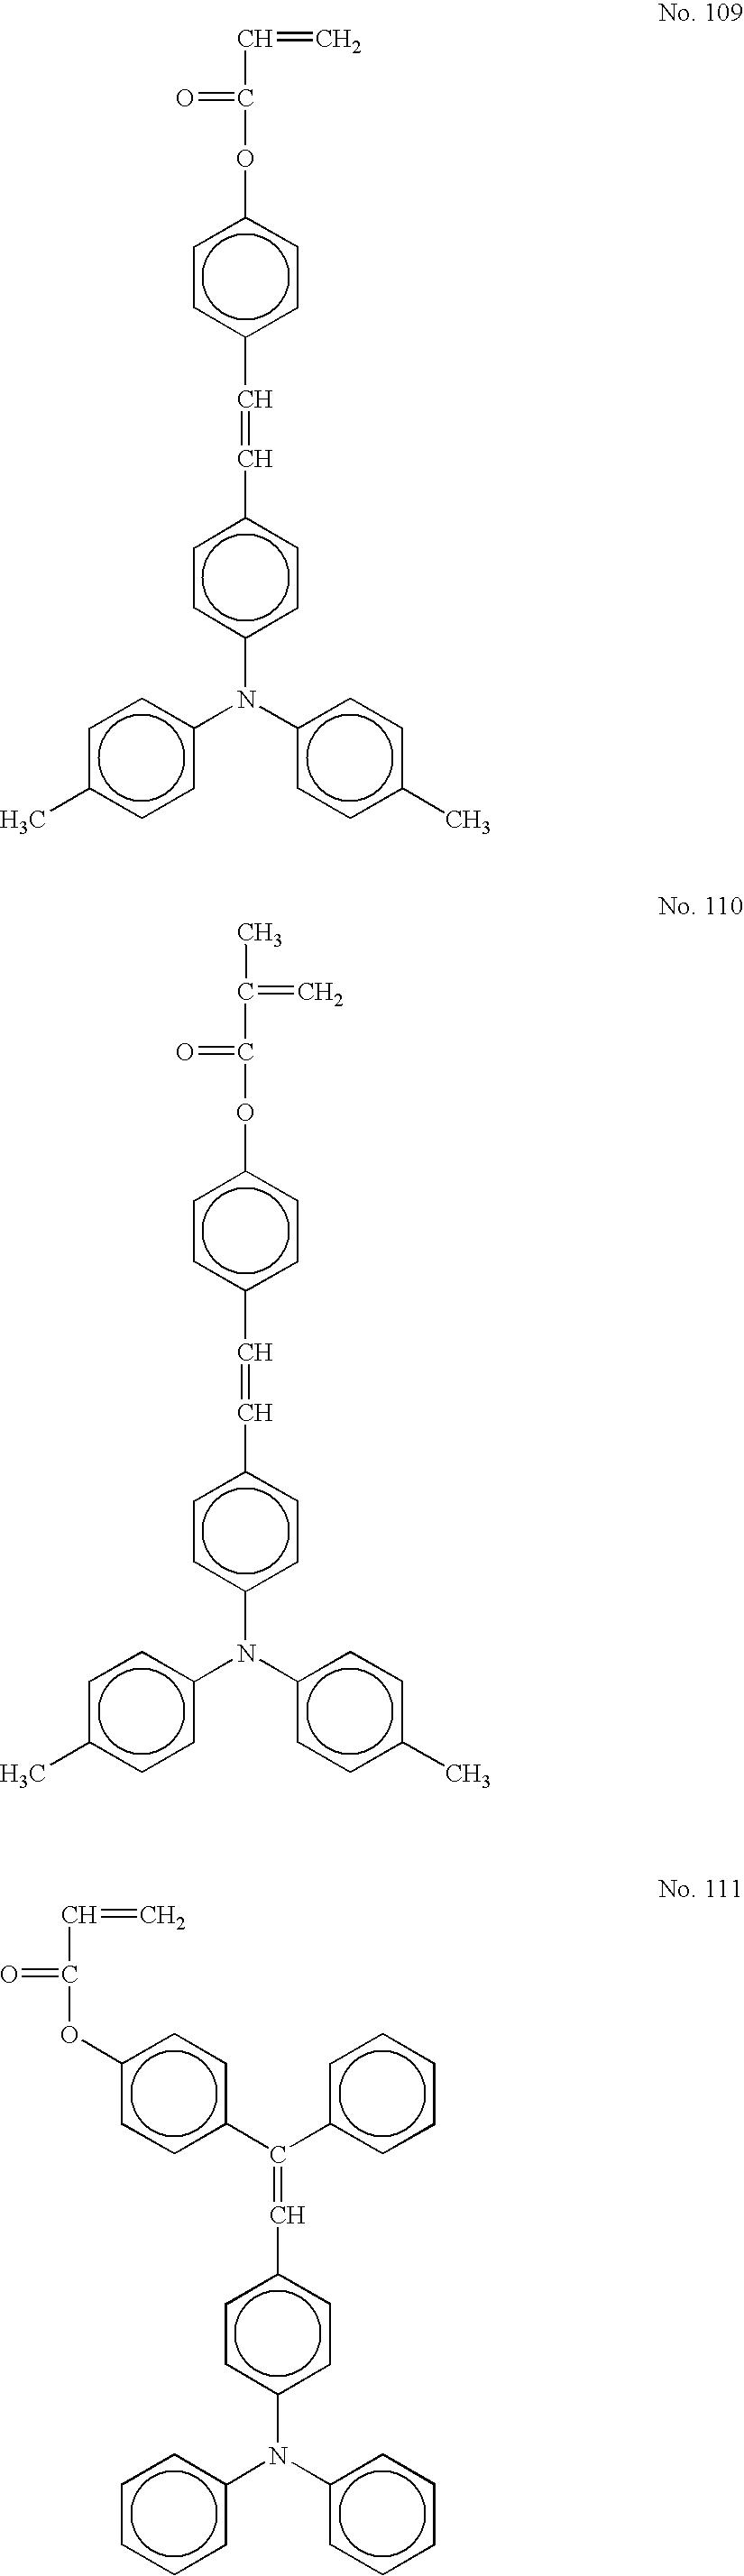 Figure US20100209842A1-20100819-C00040